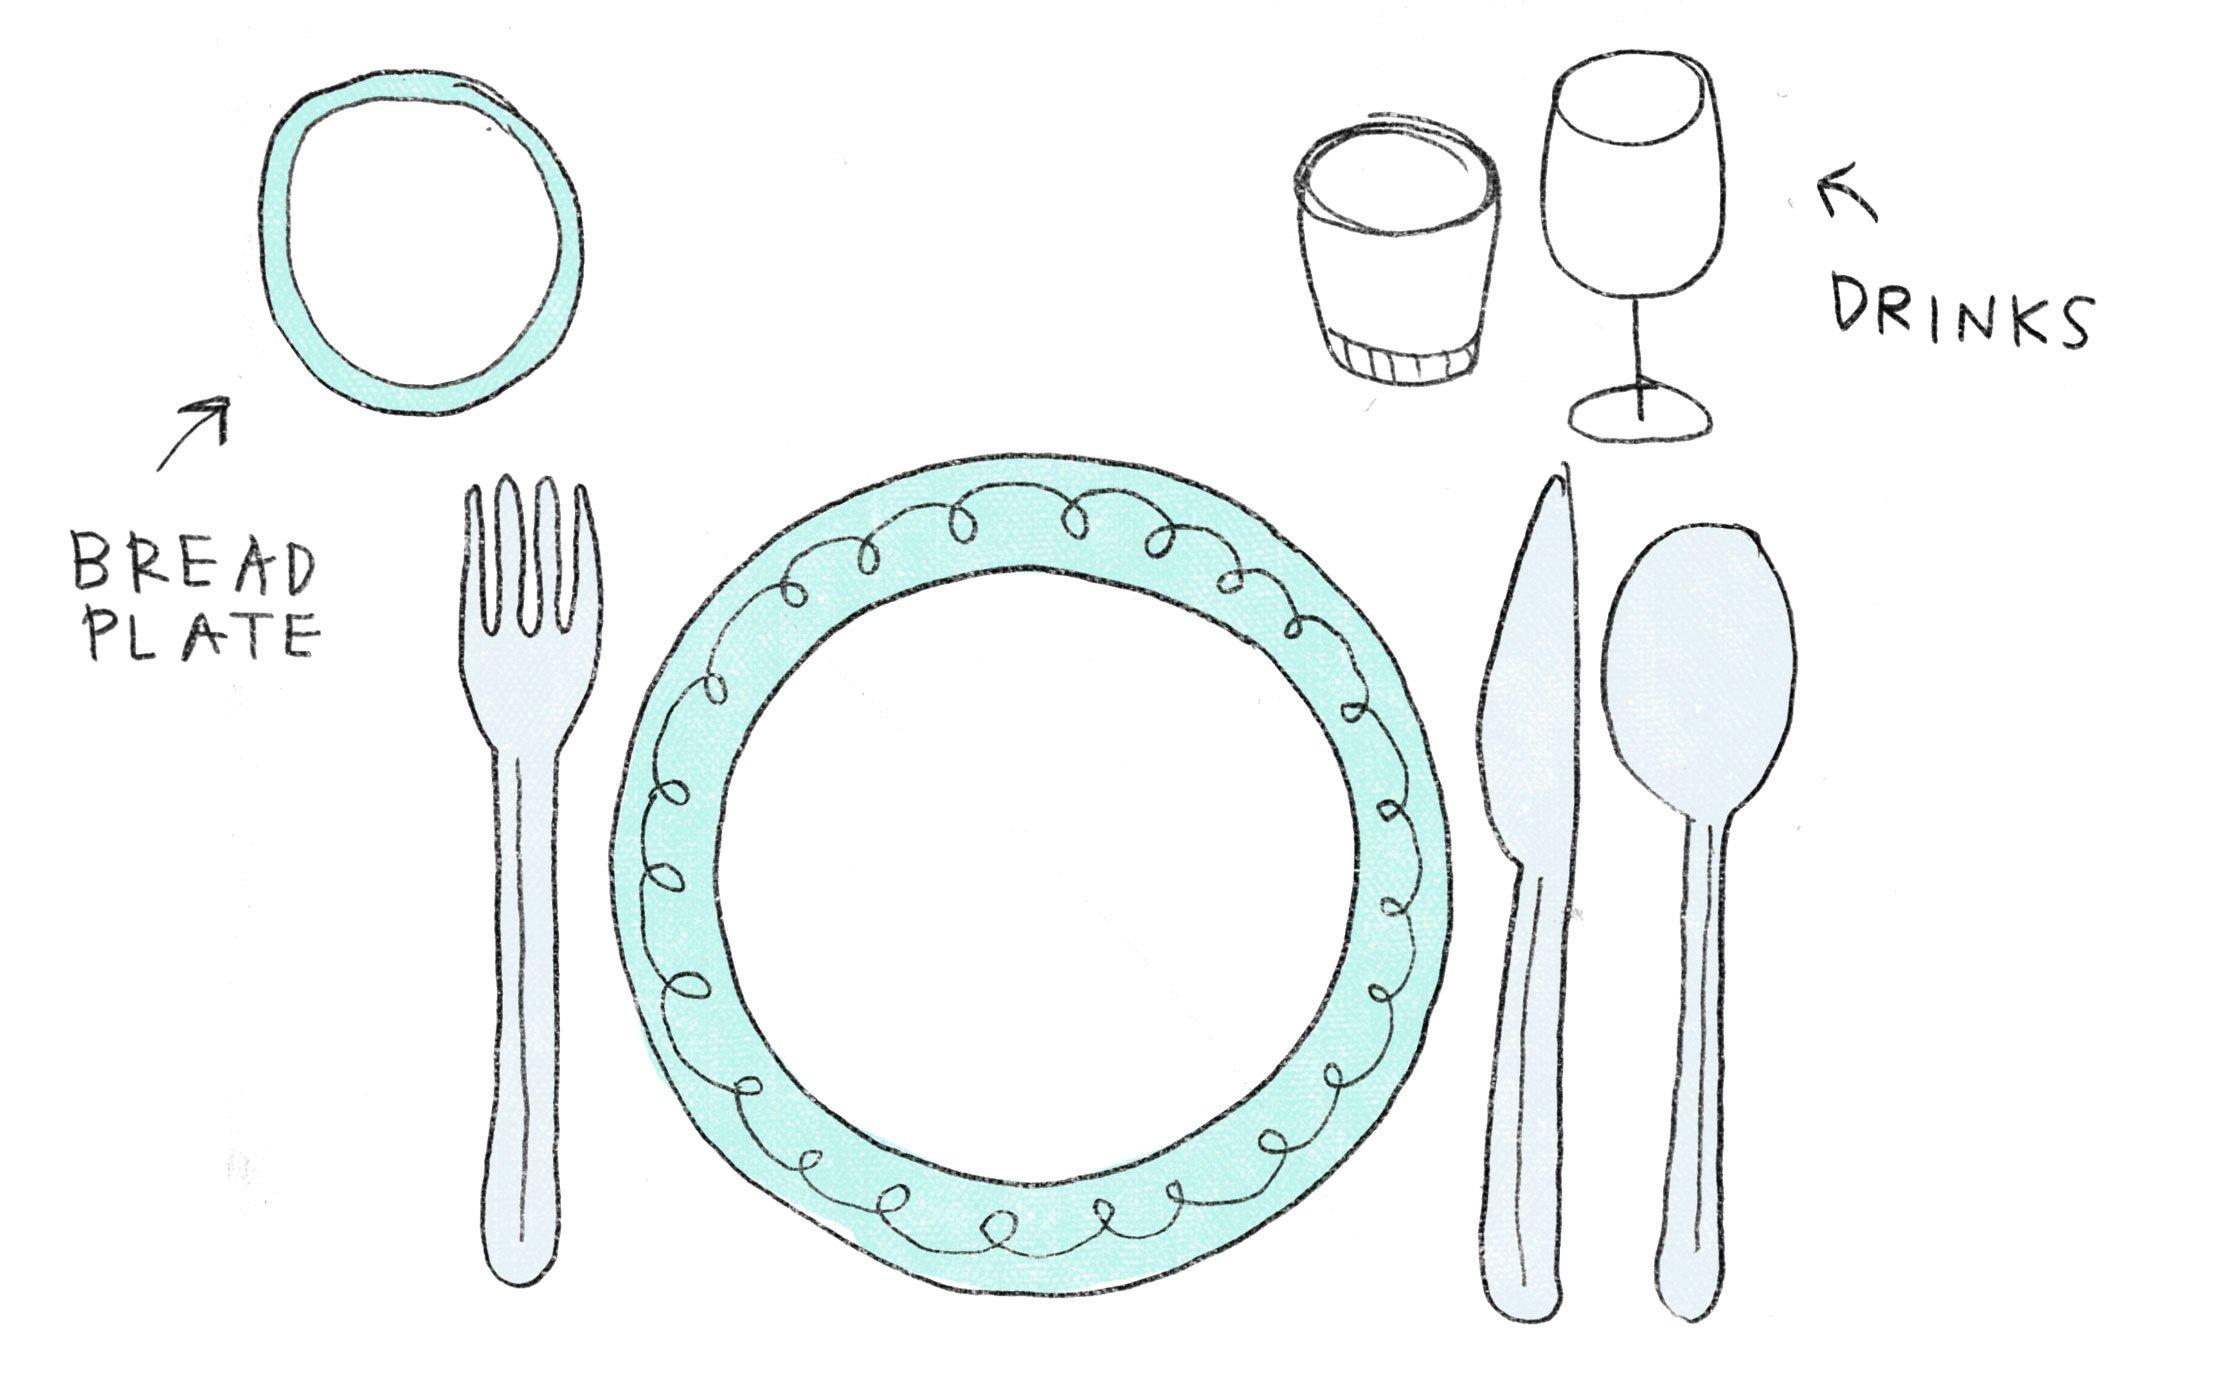 Formal dinner table setting etiquette - Restaurant Etiquette